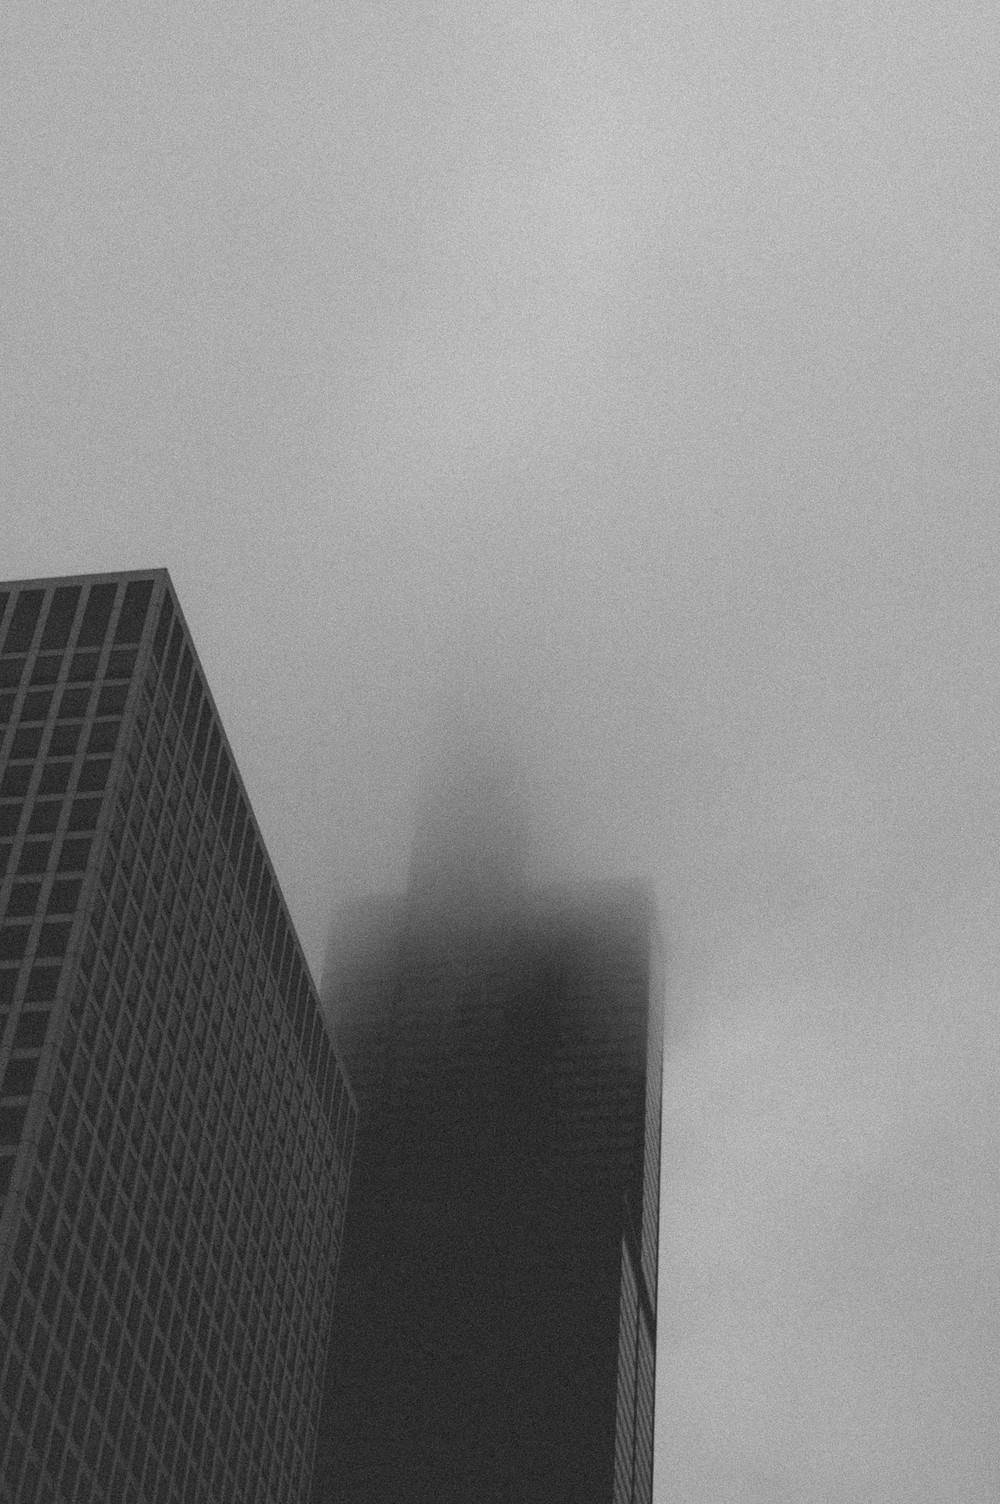 2010_0613_D70_Chicago_DSC_0014.jpg